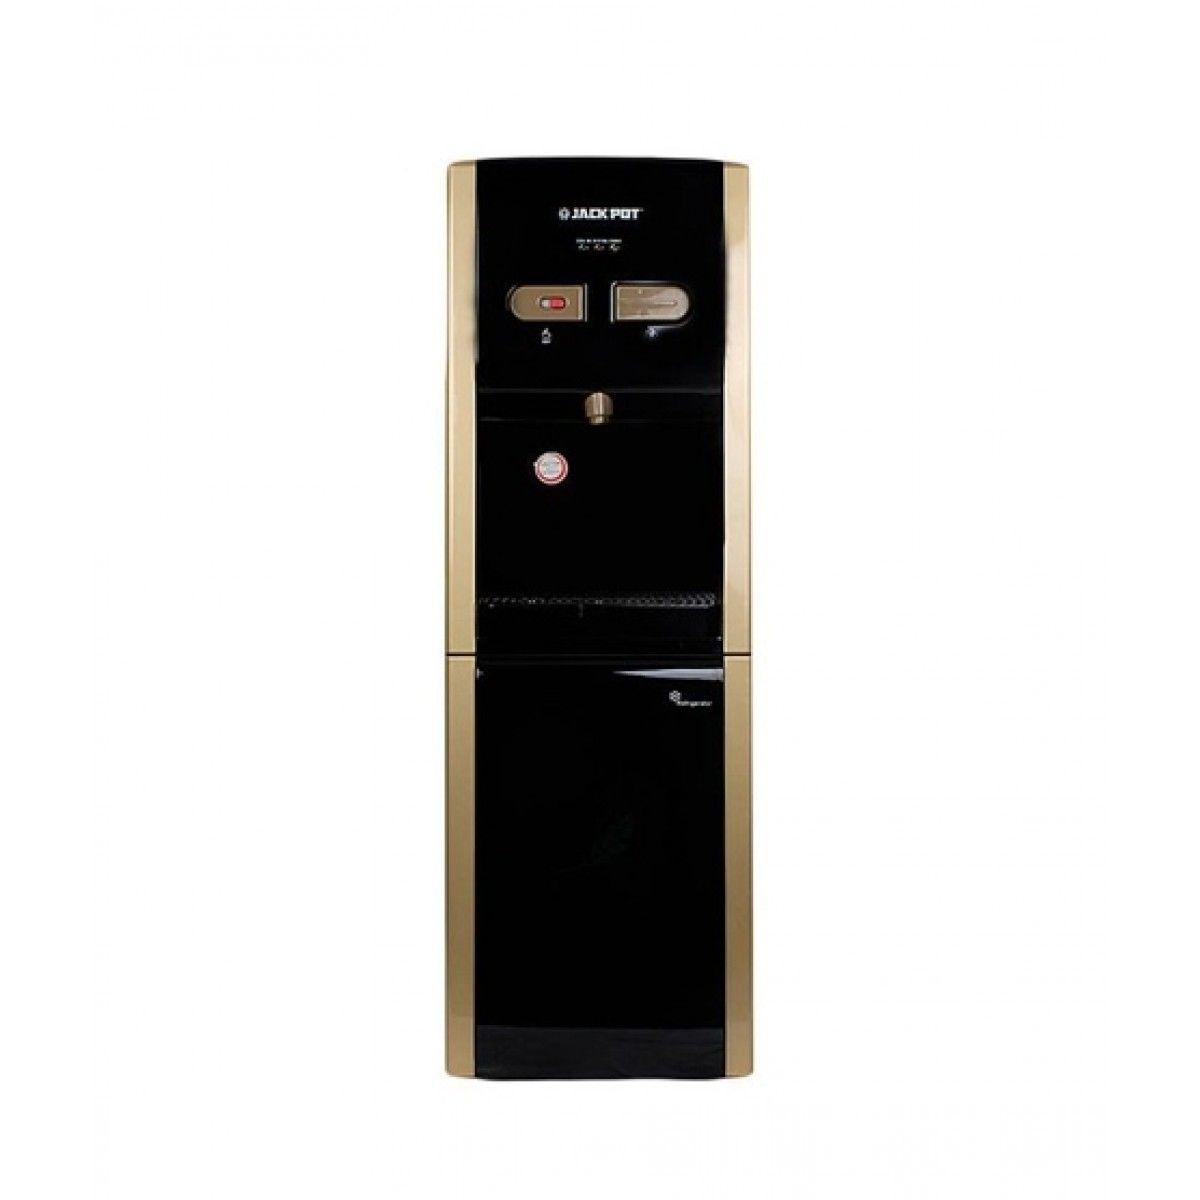 Jackpot JP-959 2 Tap Water Dispenser